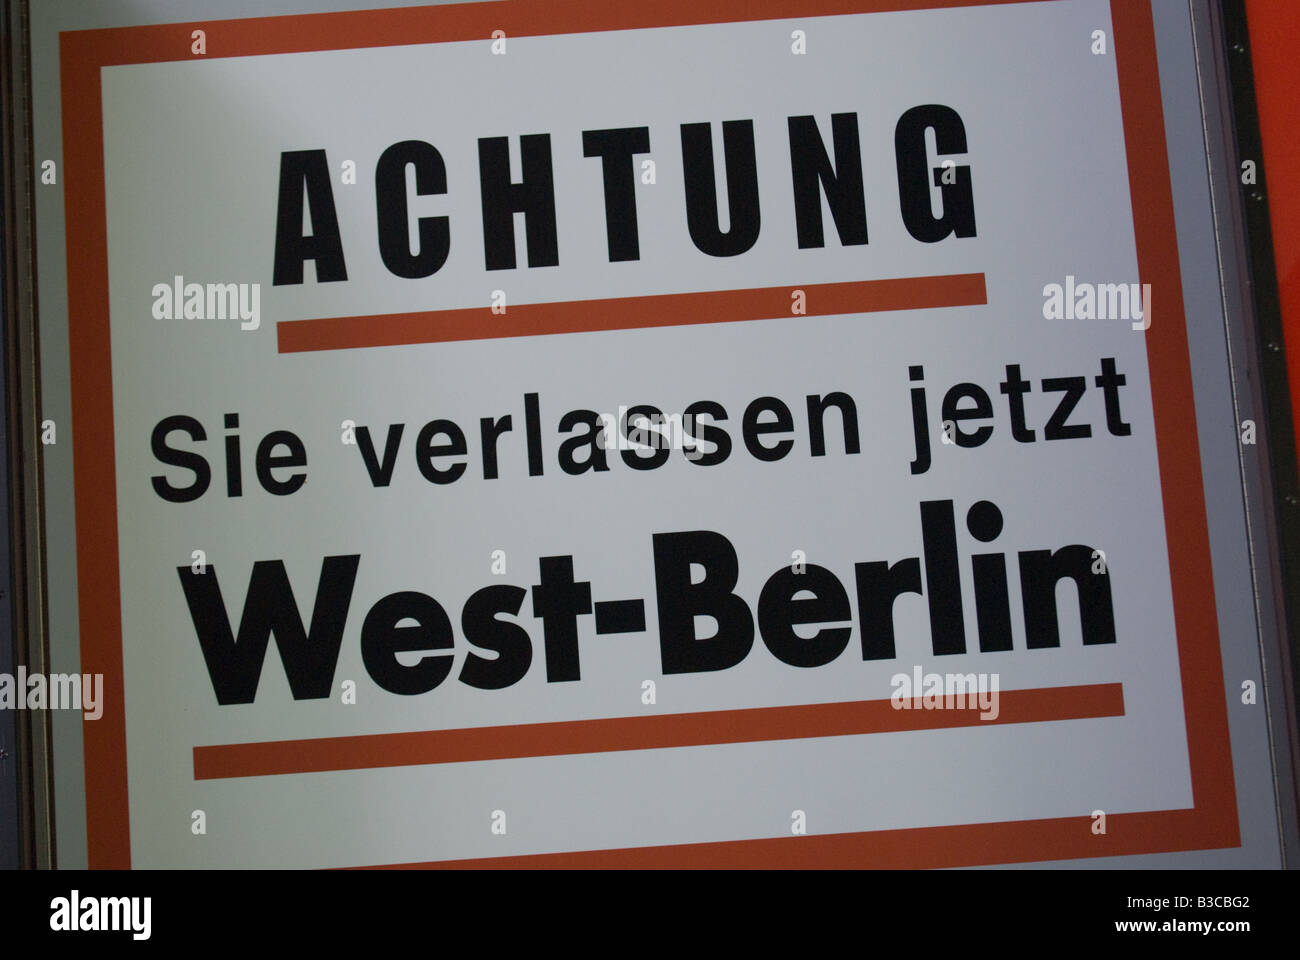 Señal de alerta en lengua alemana dejando Berlín oeste Foto de stock